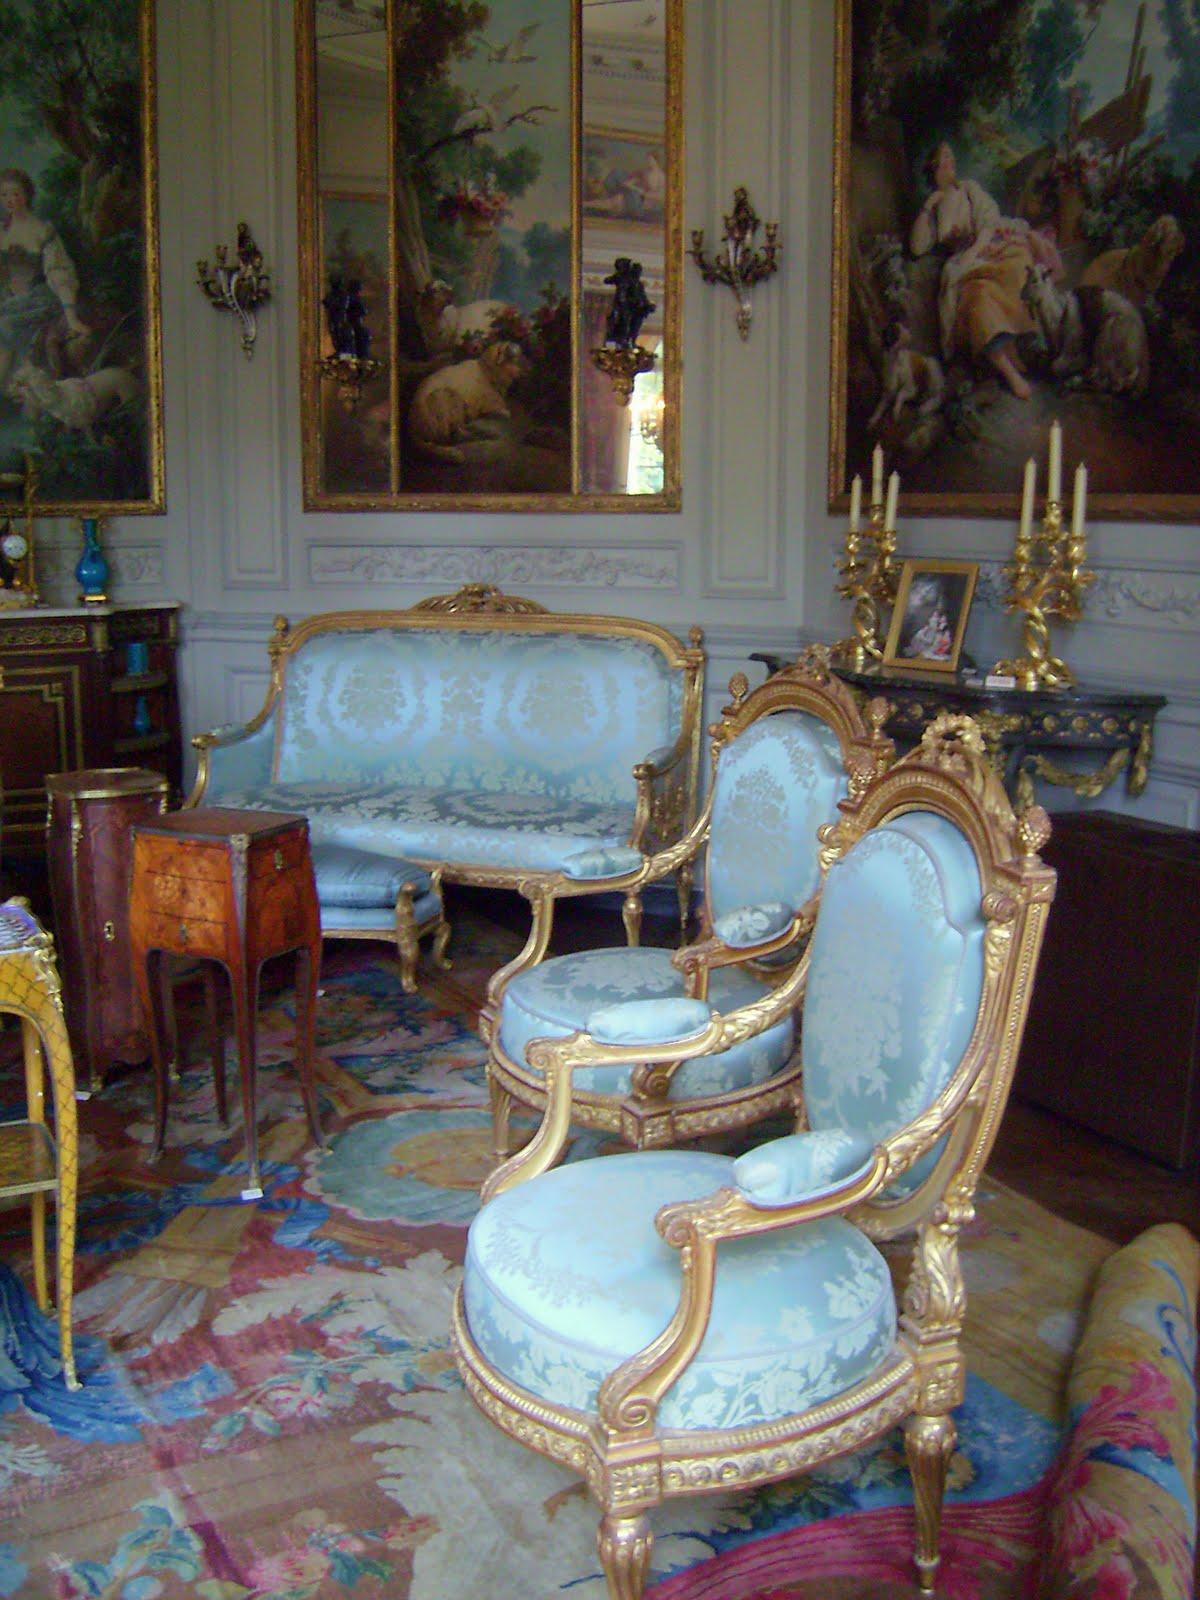 La Parigi Di Maria Antonietta: Giorno 2 Il Musée Nissim De Camondo #41718A 1200 1600 Nella Sala Da Pranzo In Francese